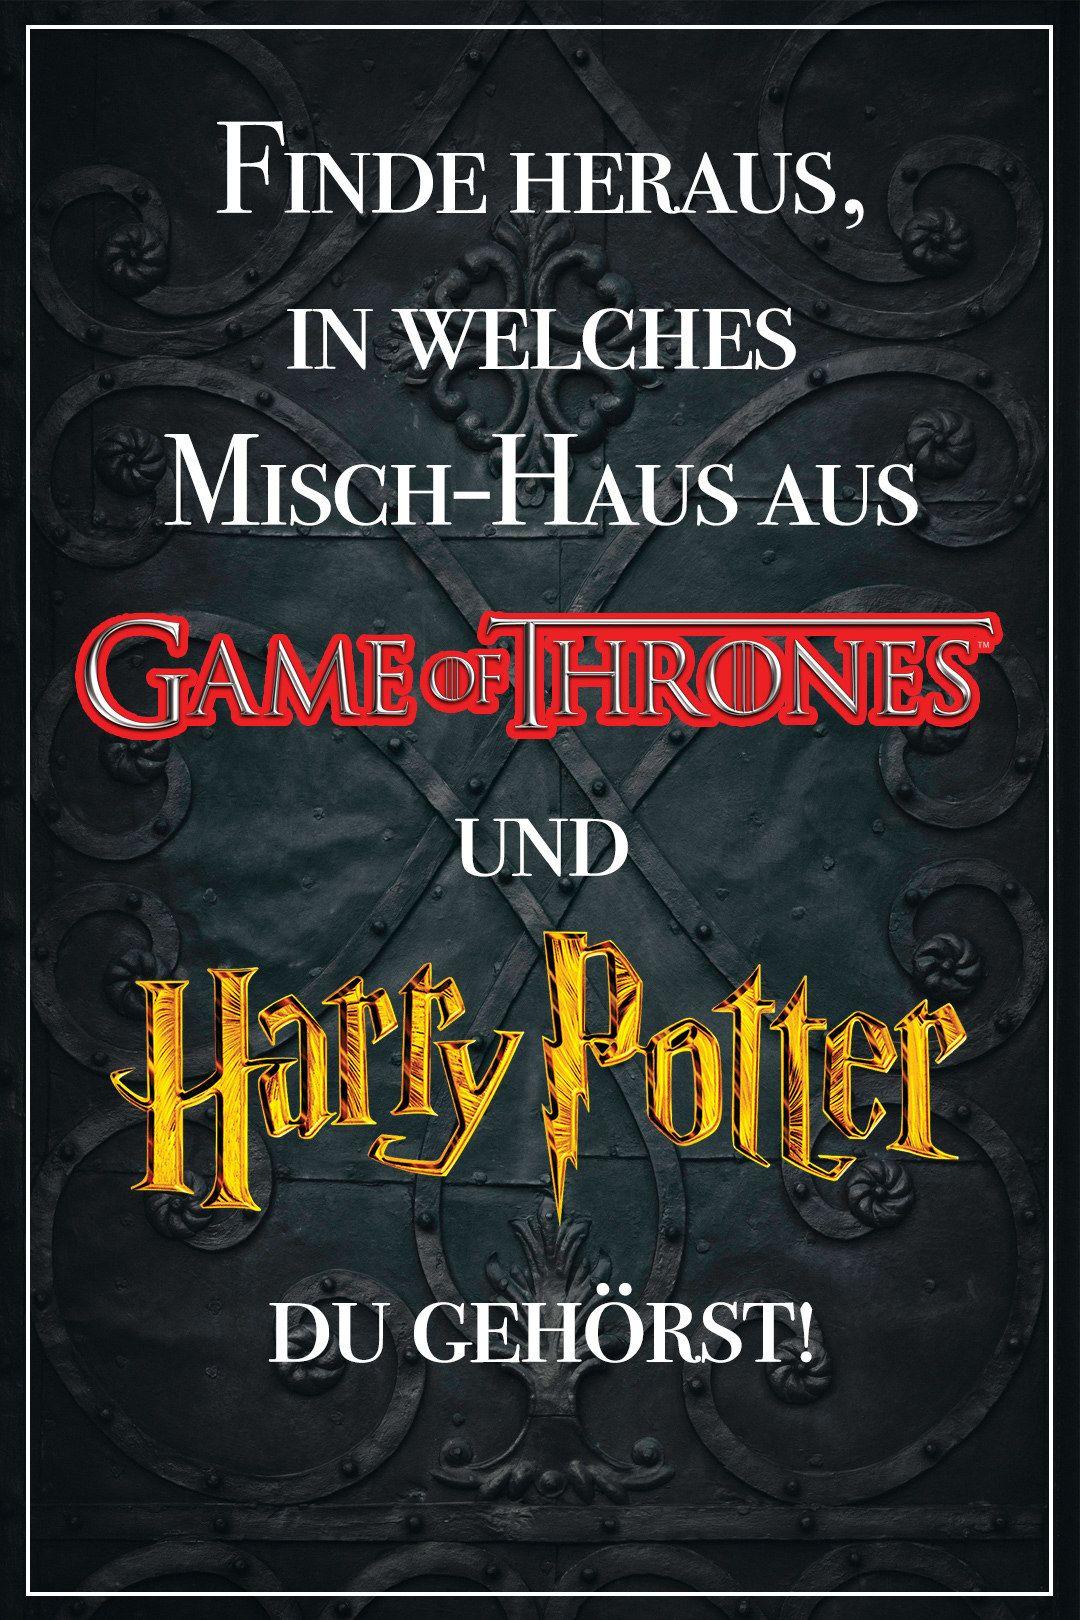 Dieses Quiz Verrat In Welches Mischhaus Aus Game Of Thrones Harry Potter Du Gehorst Game Of Thrones Quiz Harry Potter Welches Haus